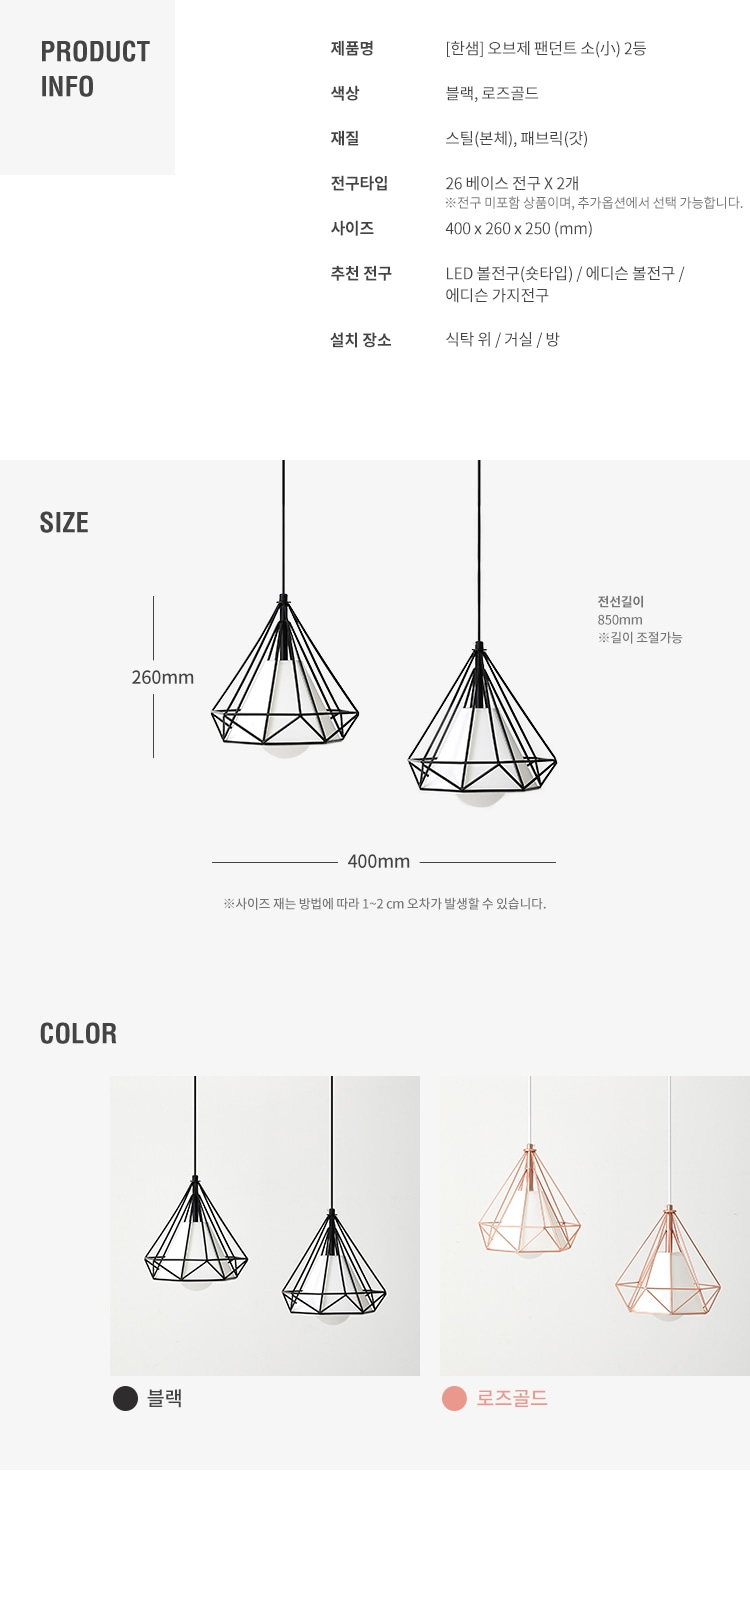 [한샘] 벨류 팬던트 9등(DIY)_블랙 - 한샘, 199,000원, 디자인조명, 팬던트조명